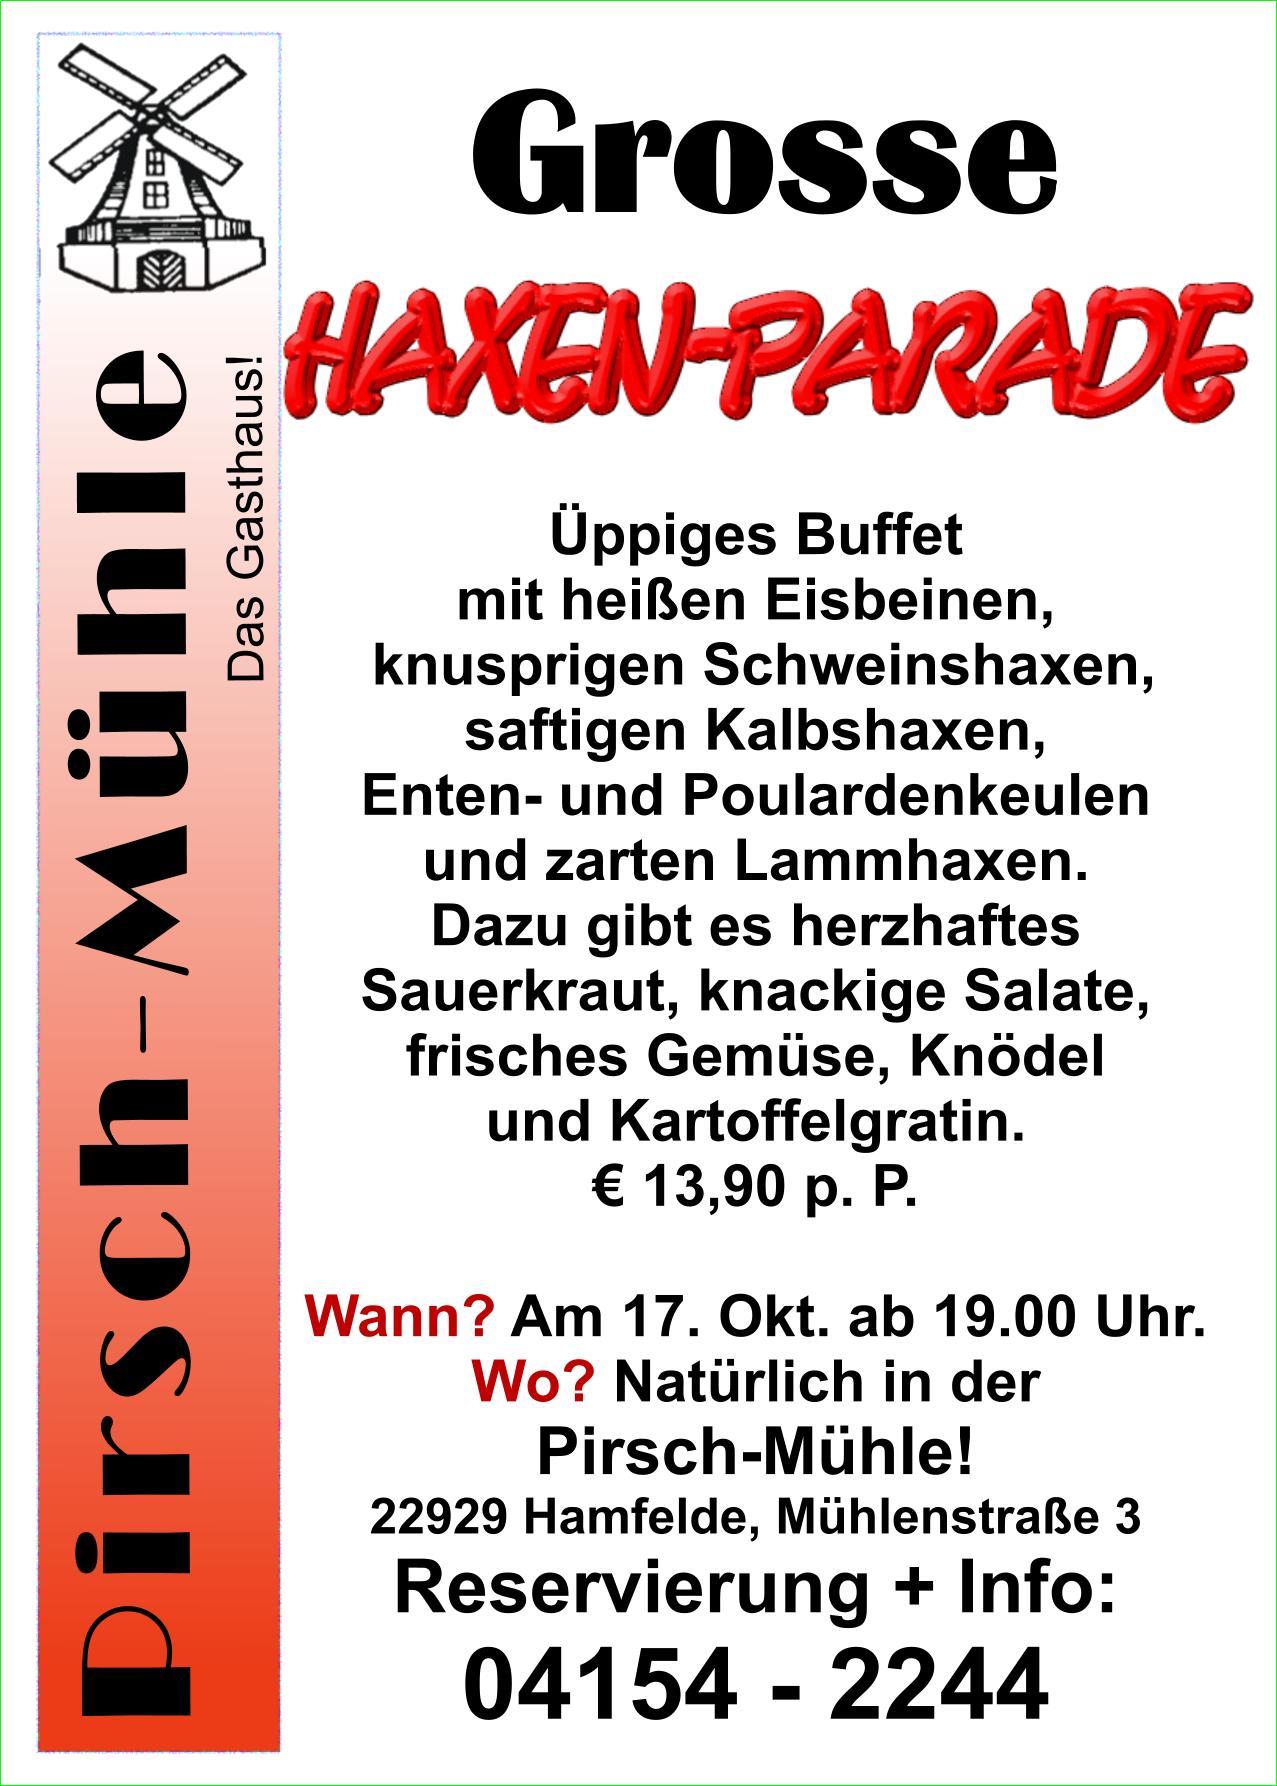 Haxen-Parade